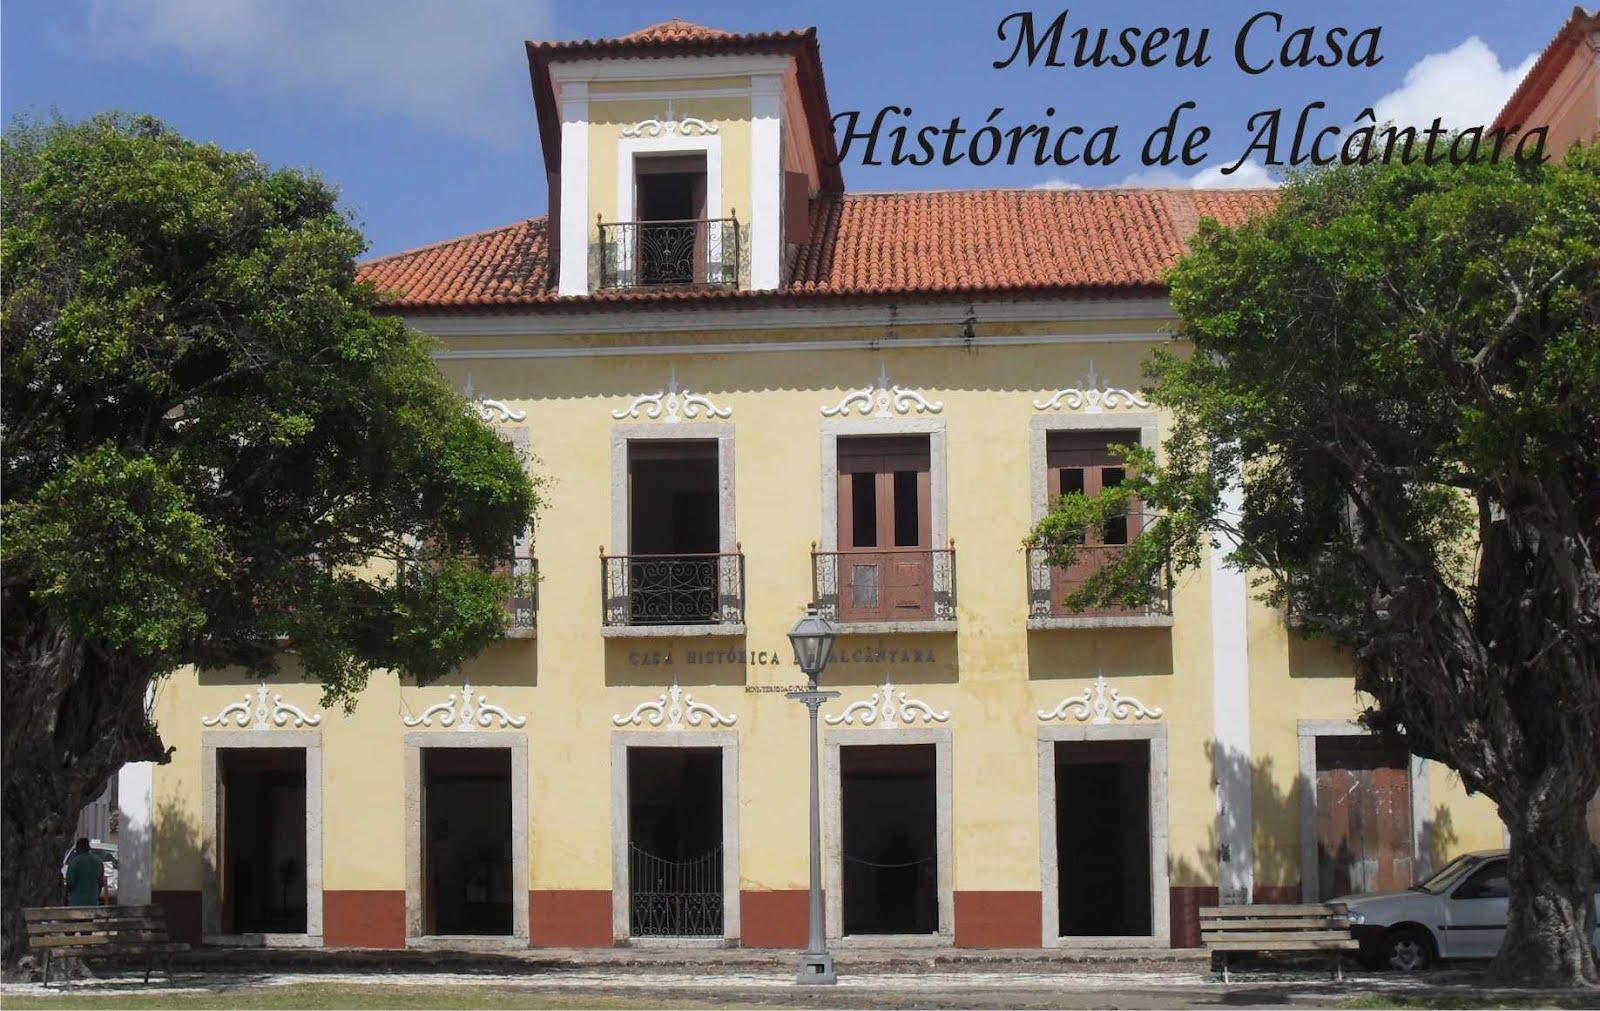 Museu Casa Histórica de Alcântara